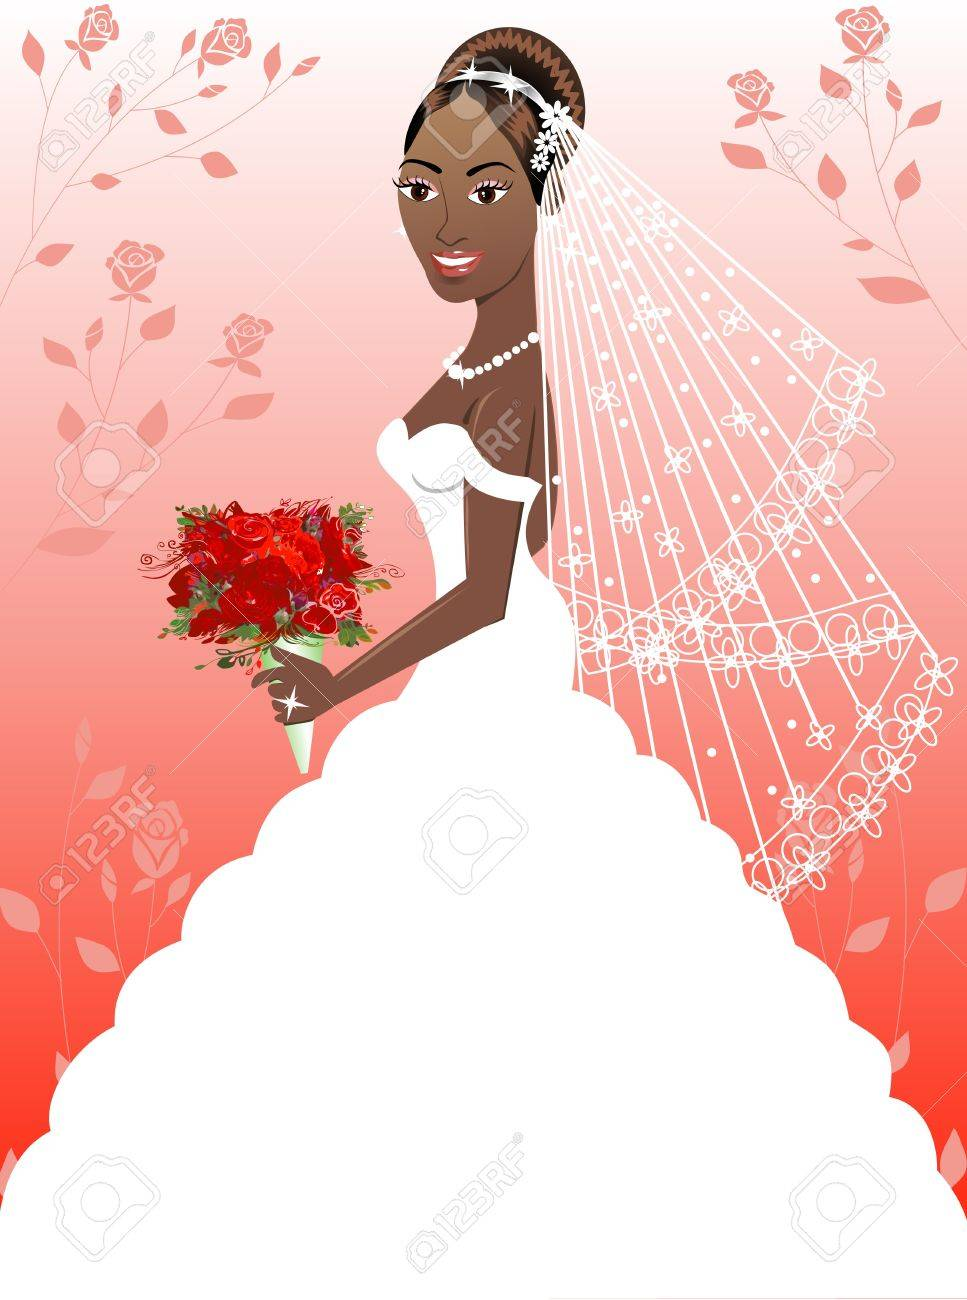 Una Hermosa Mujer Negra En El Día De Su Boda. Vestido De Boda 4 ...